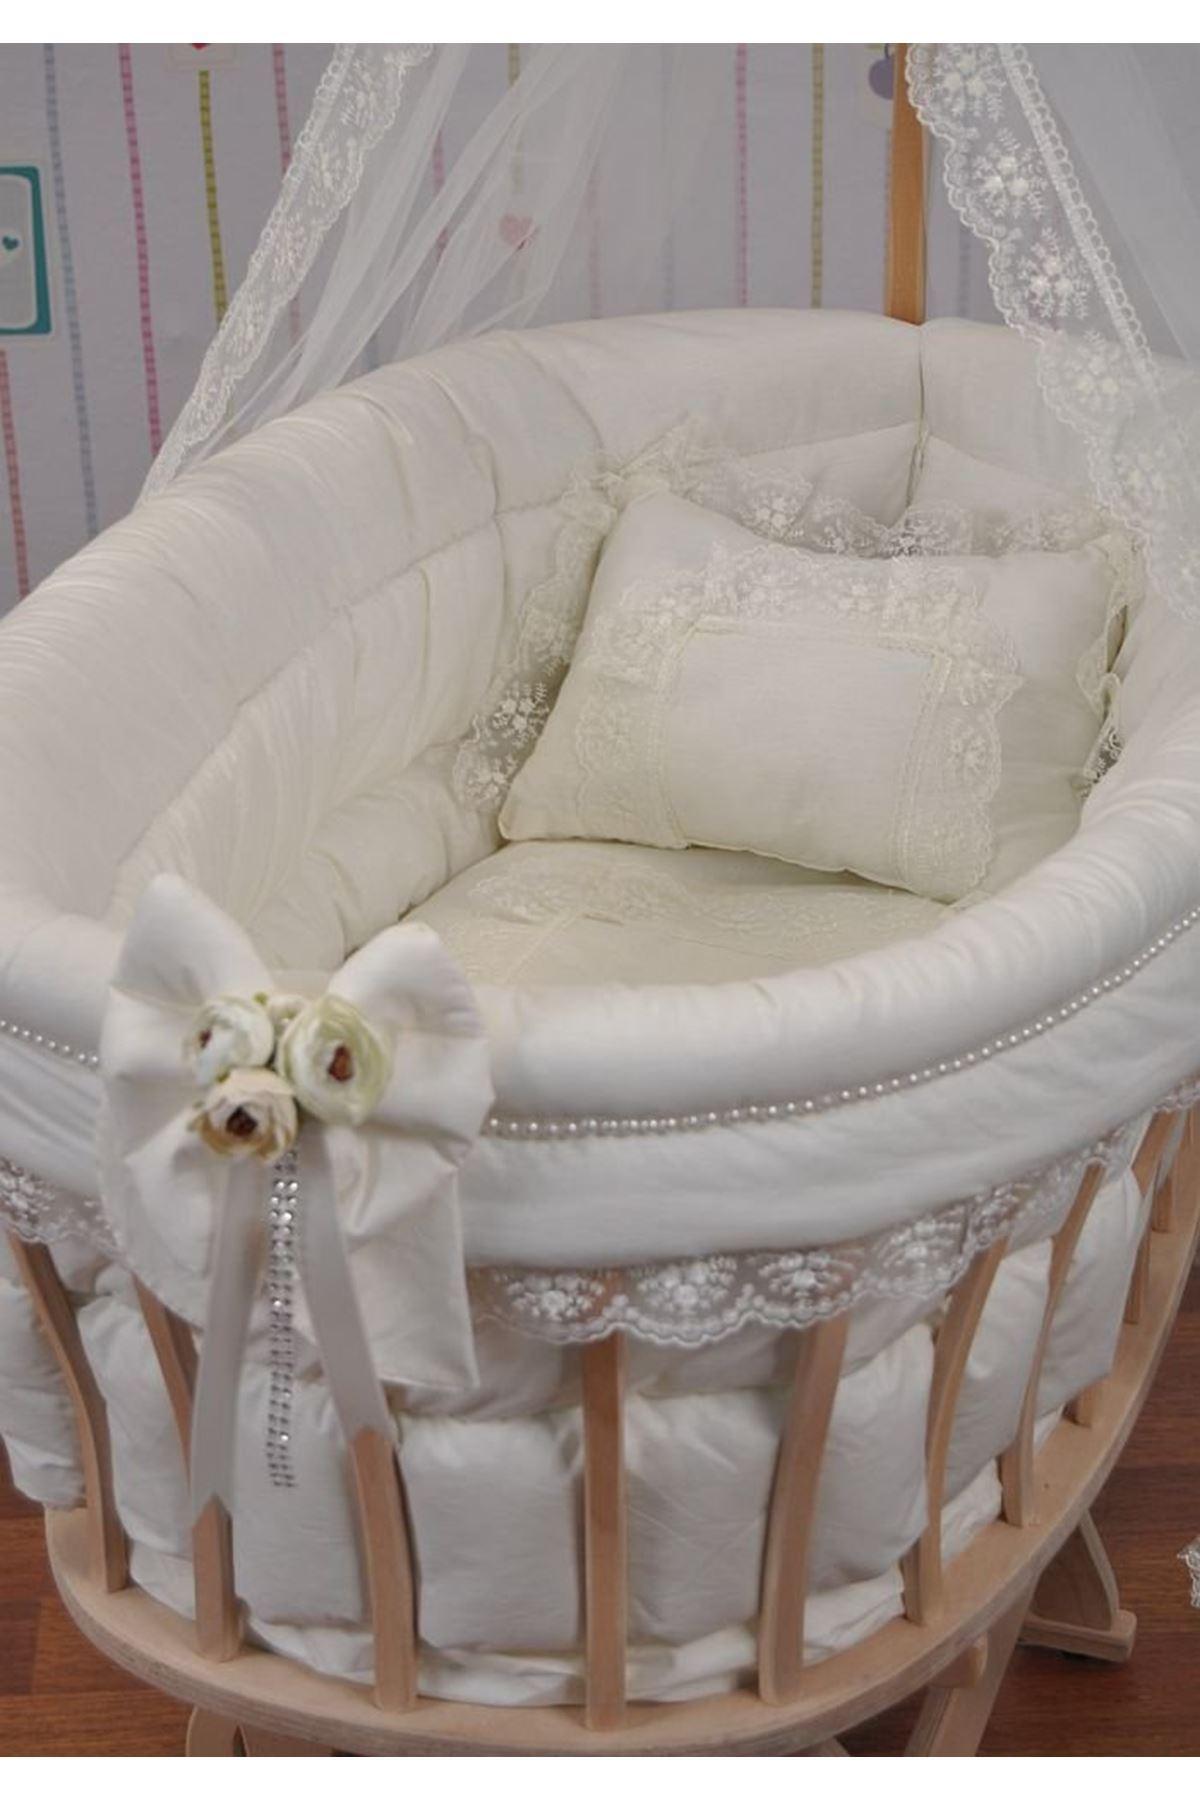 Sepet Beşik İçin Krem Çiçekli Fiyonklu Bebek Uyku Seti